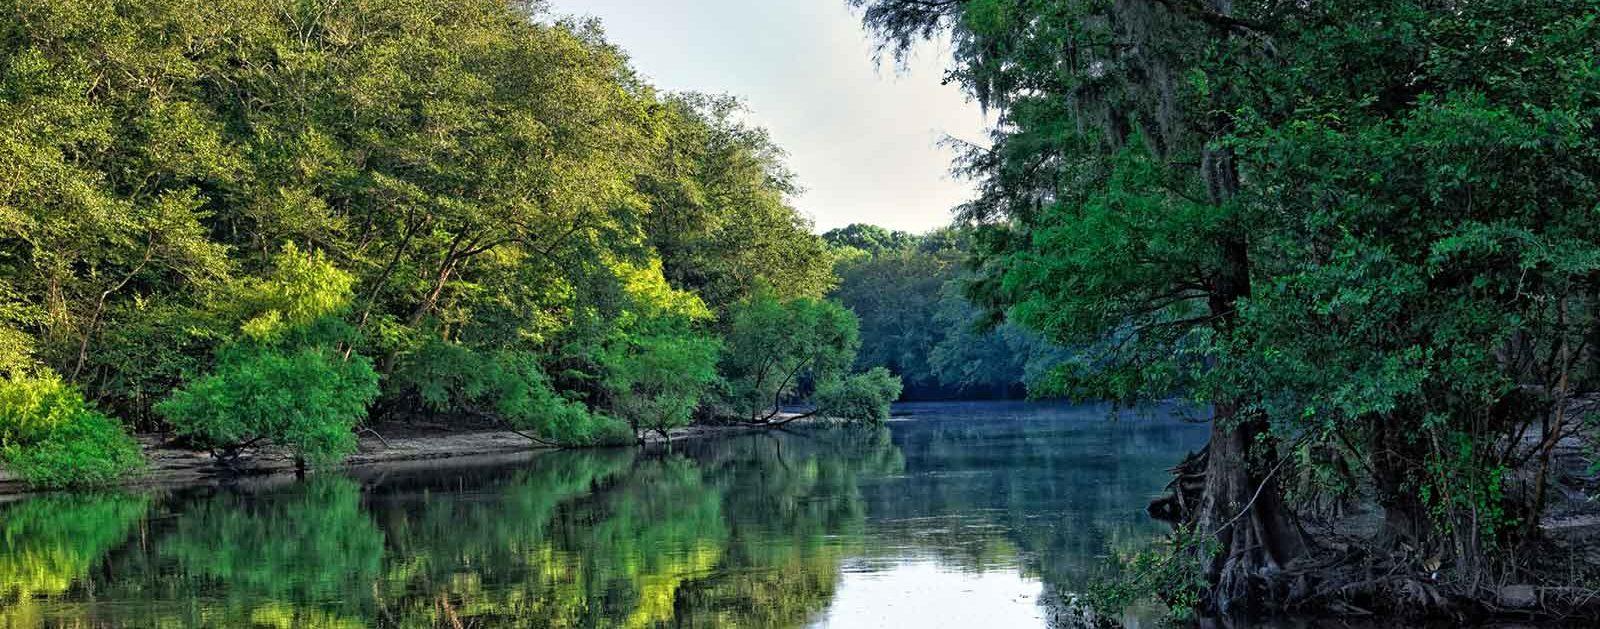 Edisto River Kayak Camping